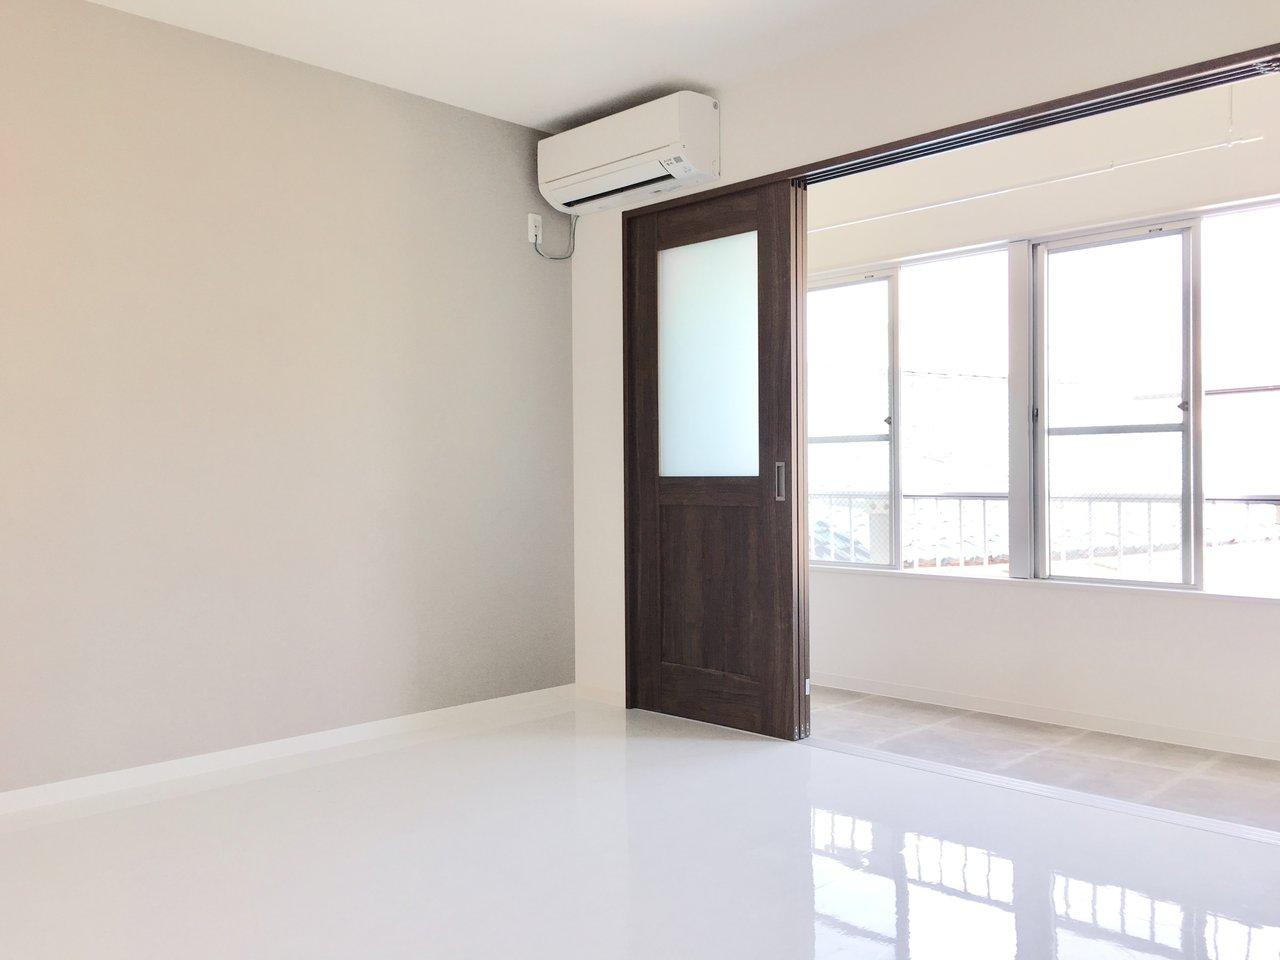 室内が白×ダークブラウンで統一されていて、洋室の一面にはグレーのクロスが貼られた、落ち着いた印象のお部屋。フルリノベーションされているので、築年数の割にとってもキレイなのが特徴です。